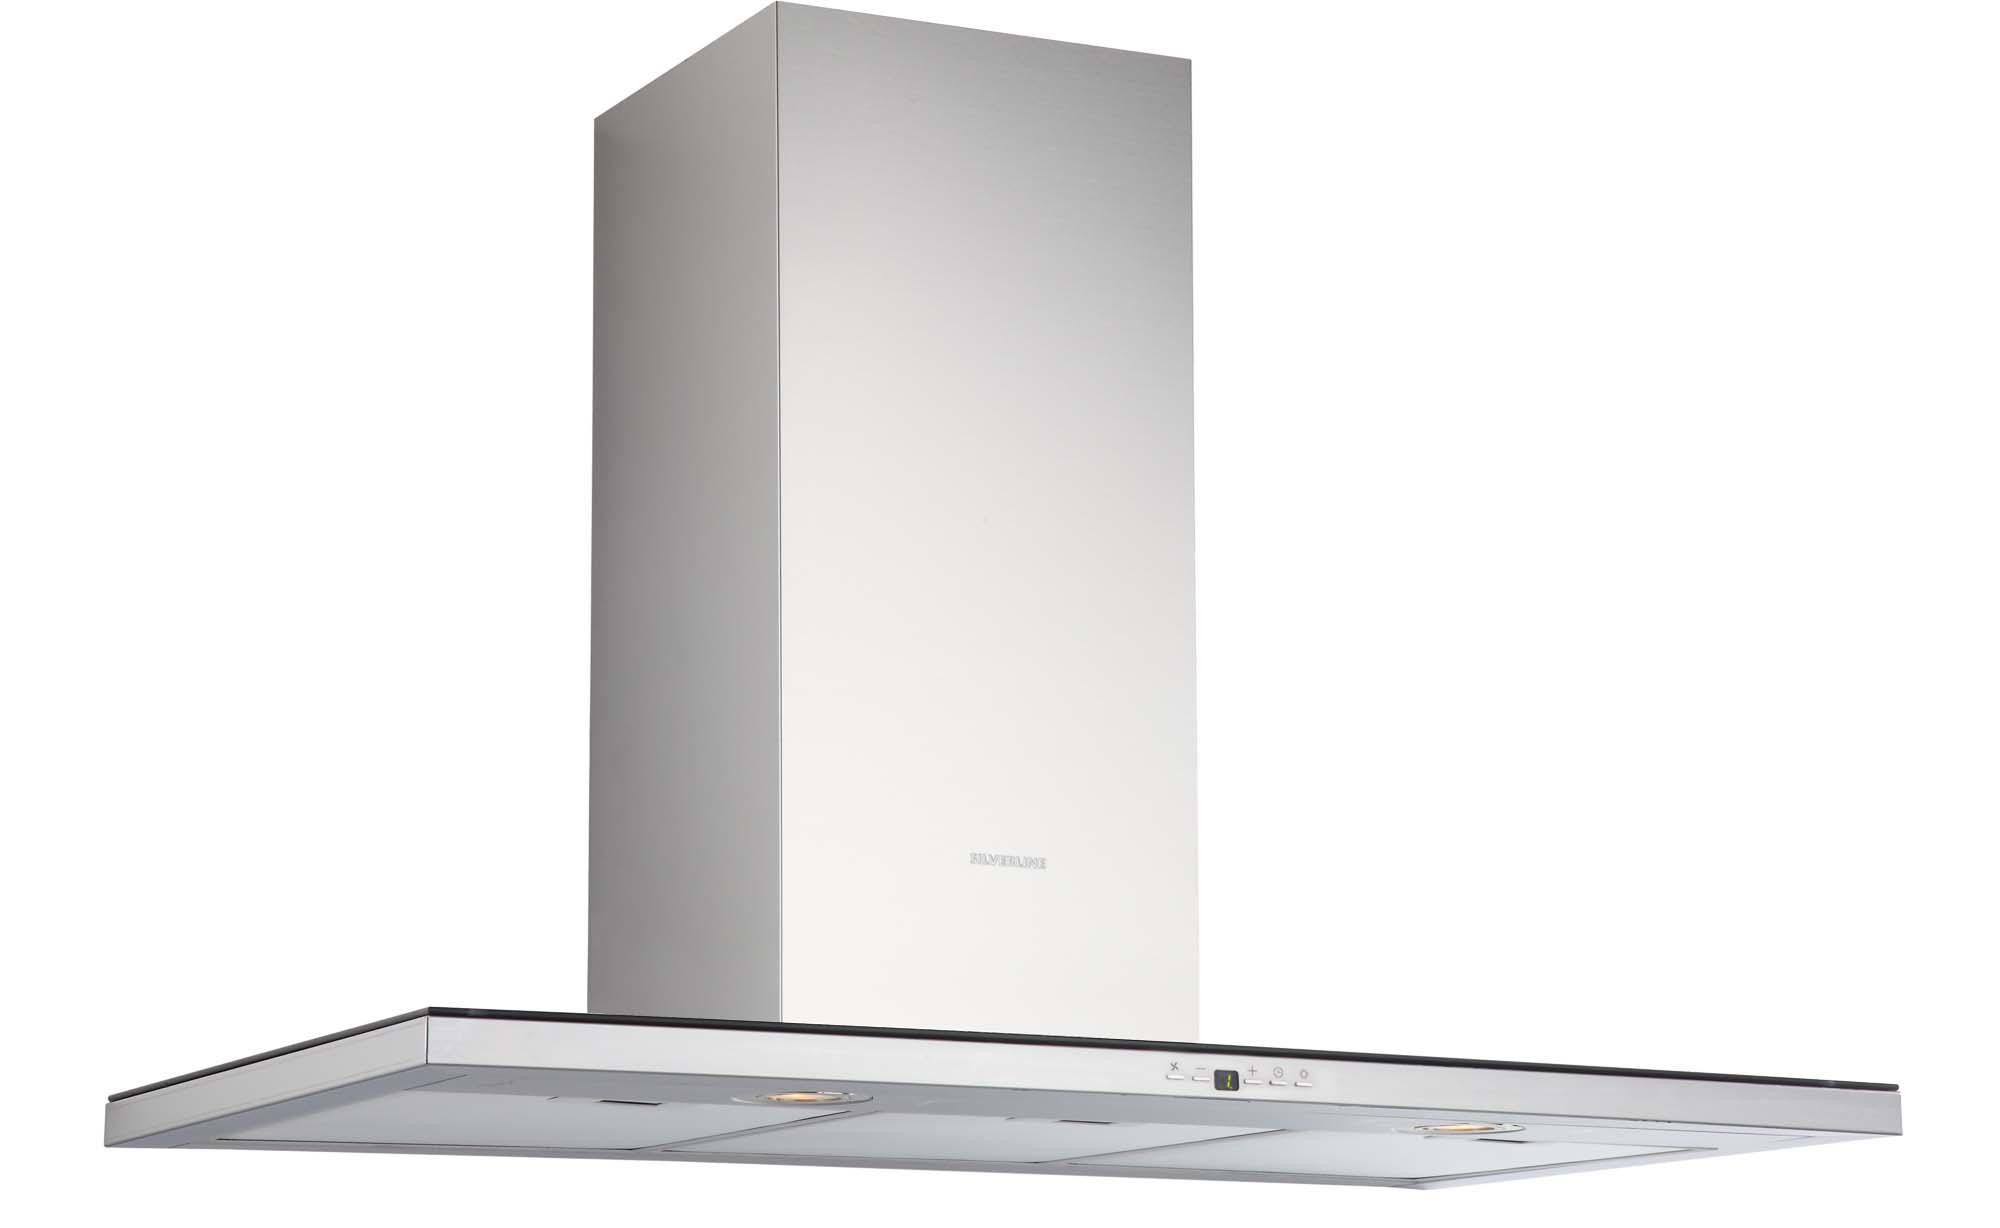 die silverline dunstabzugshauben slim deluxe erh lt den begehrten if product design award 2011. Black Bedroom Furniture Sets. Home Design Ideas